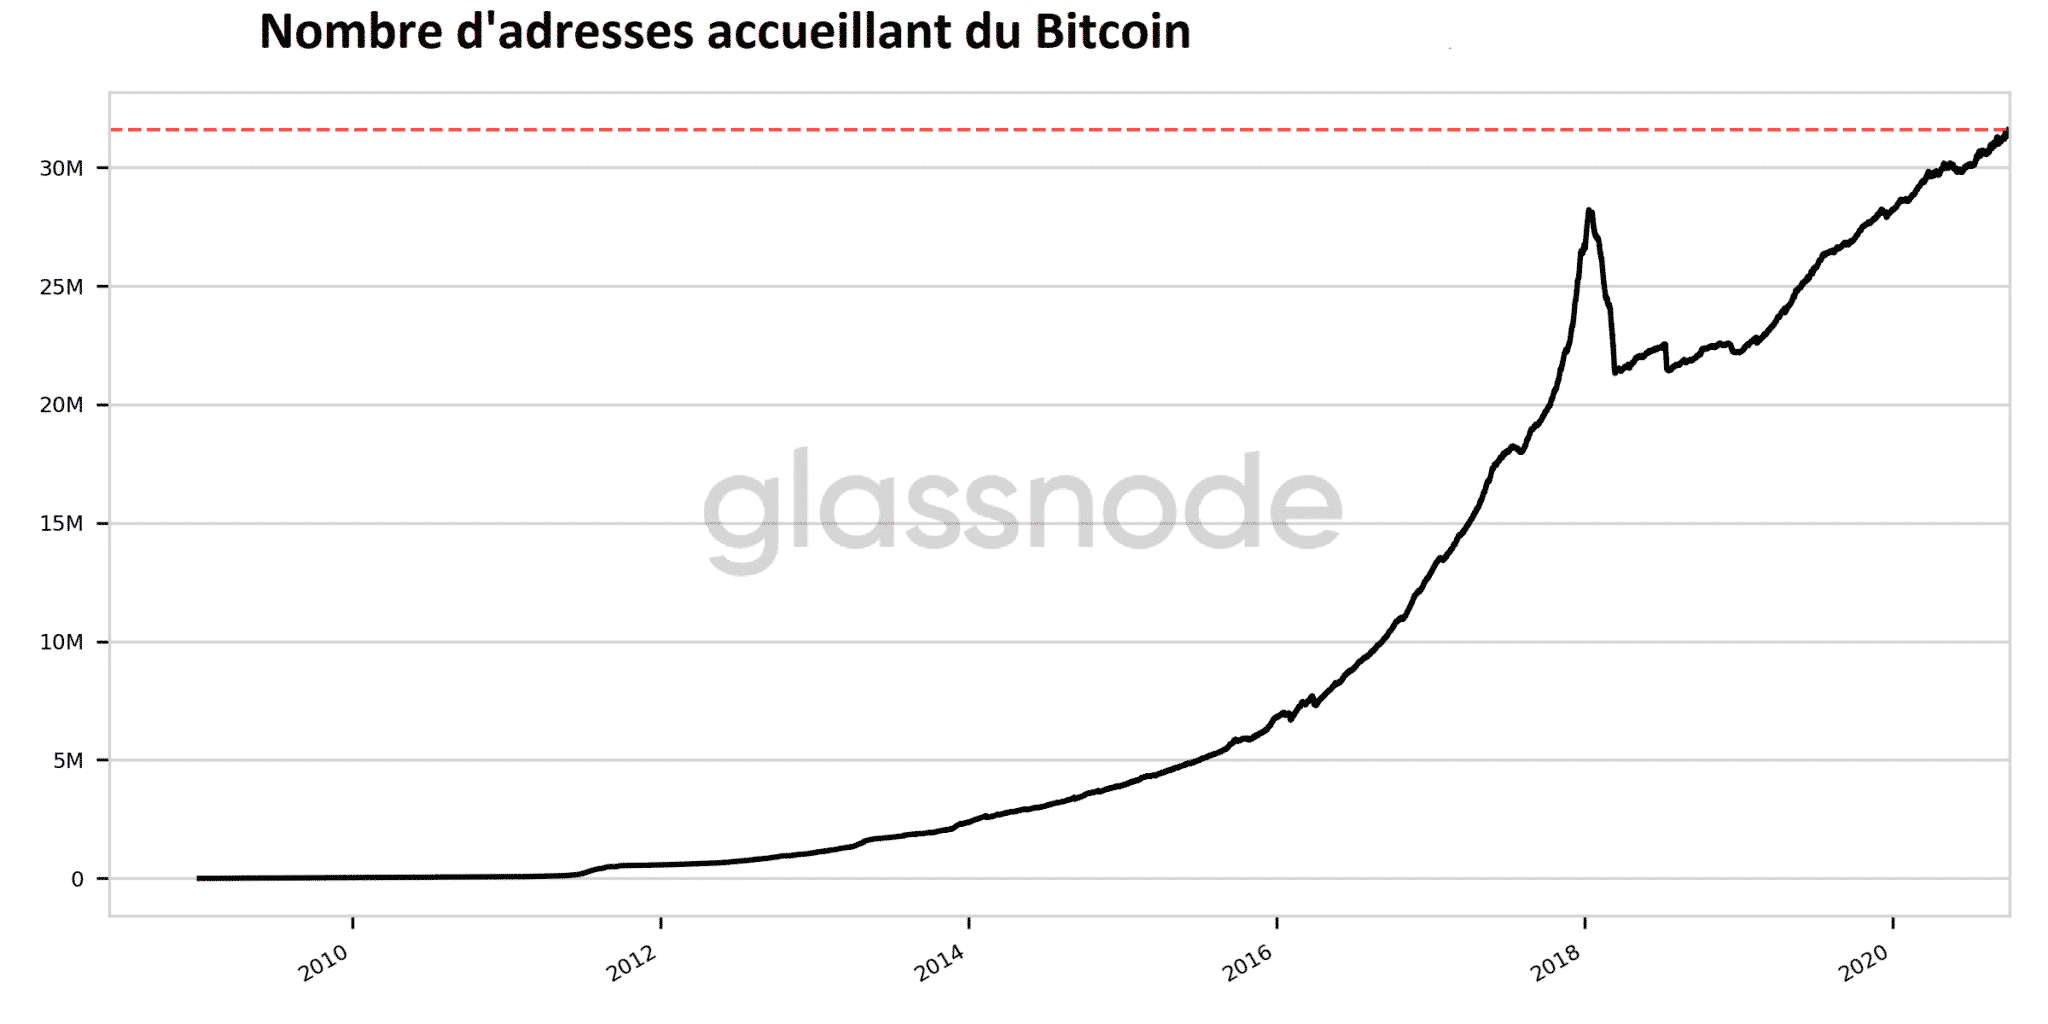 Nombre d'adresses possedant du Bitcoin